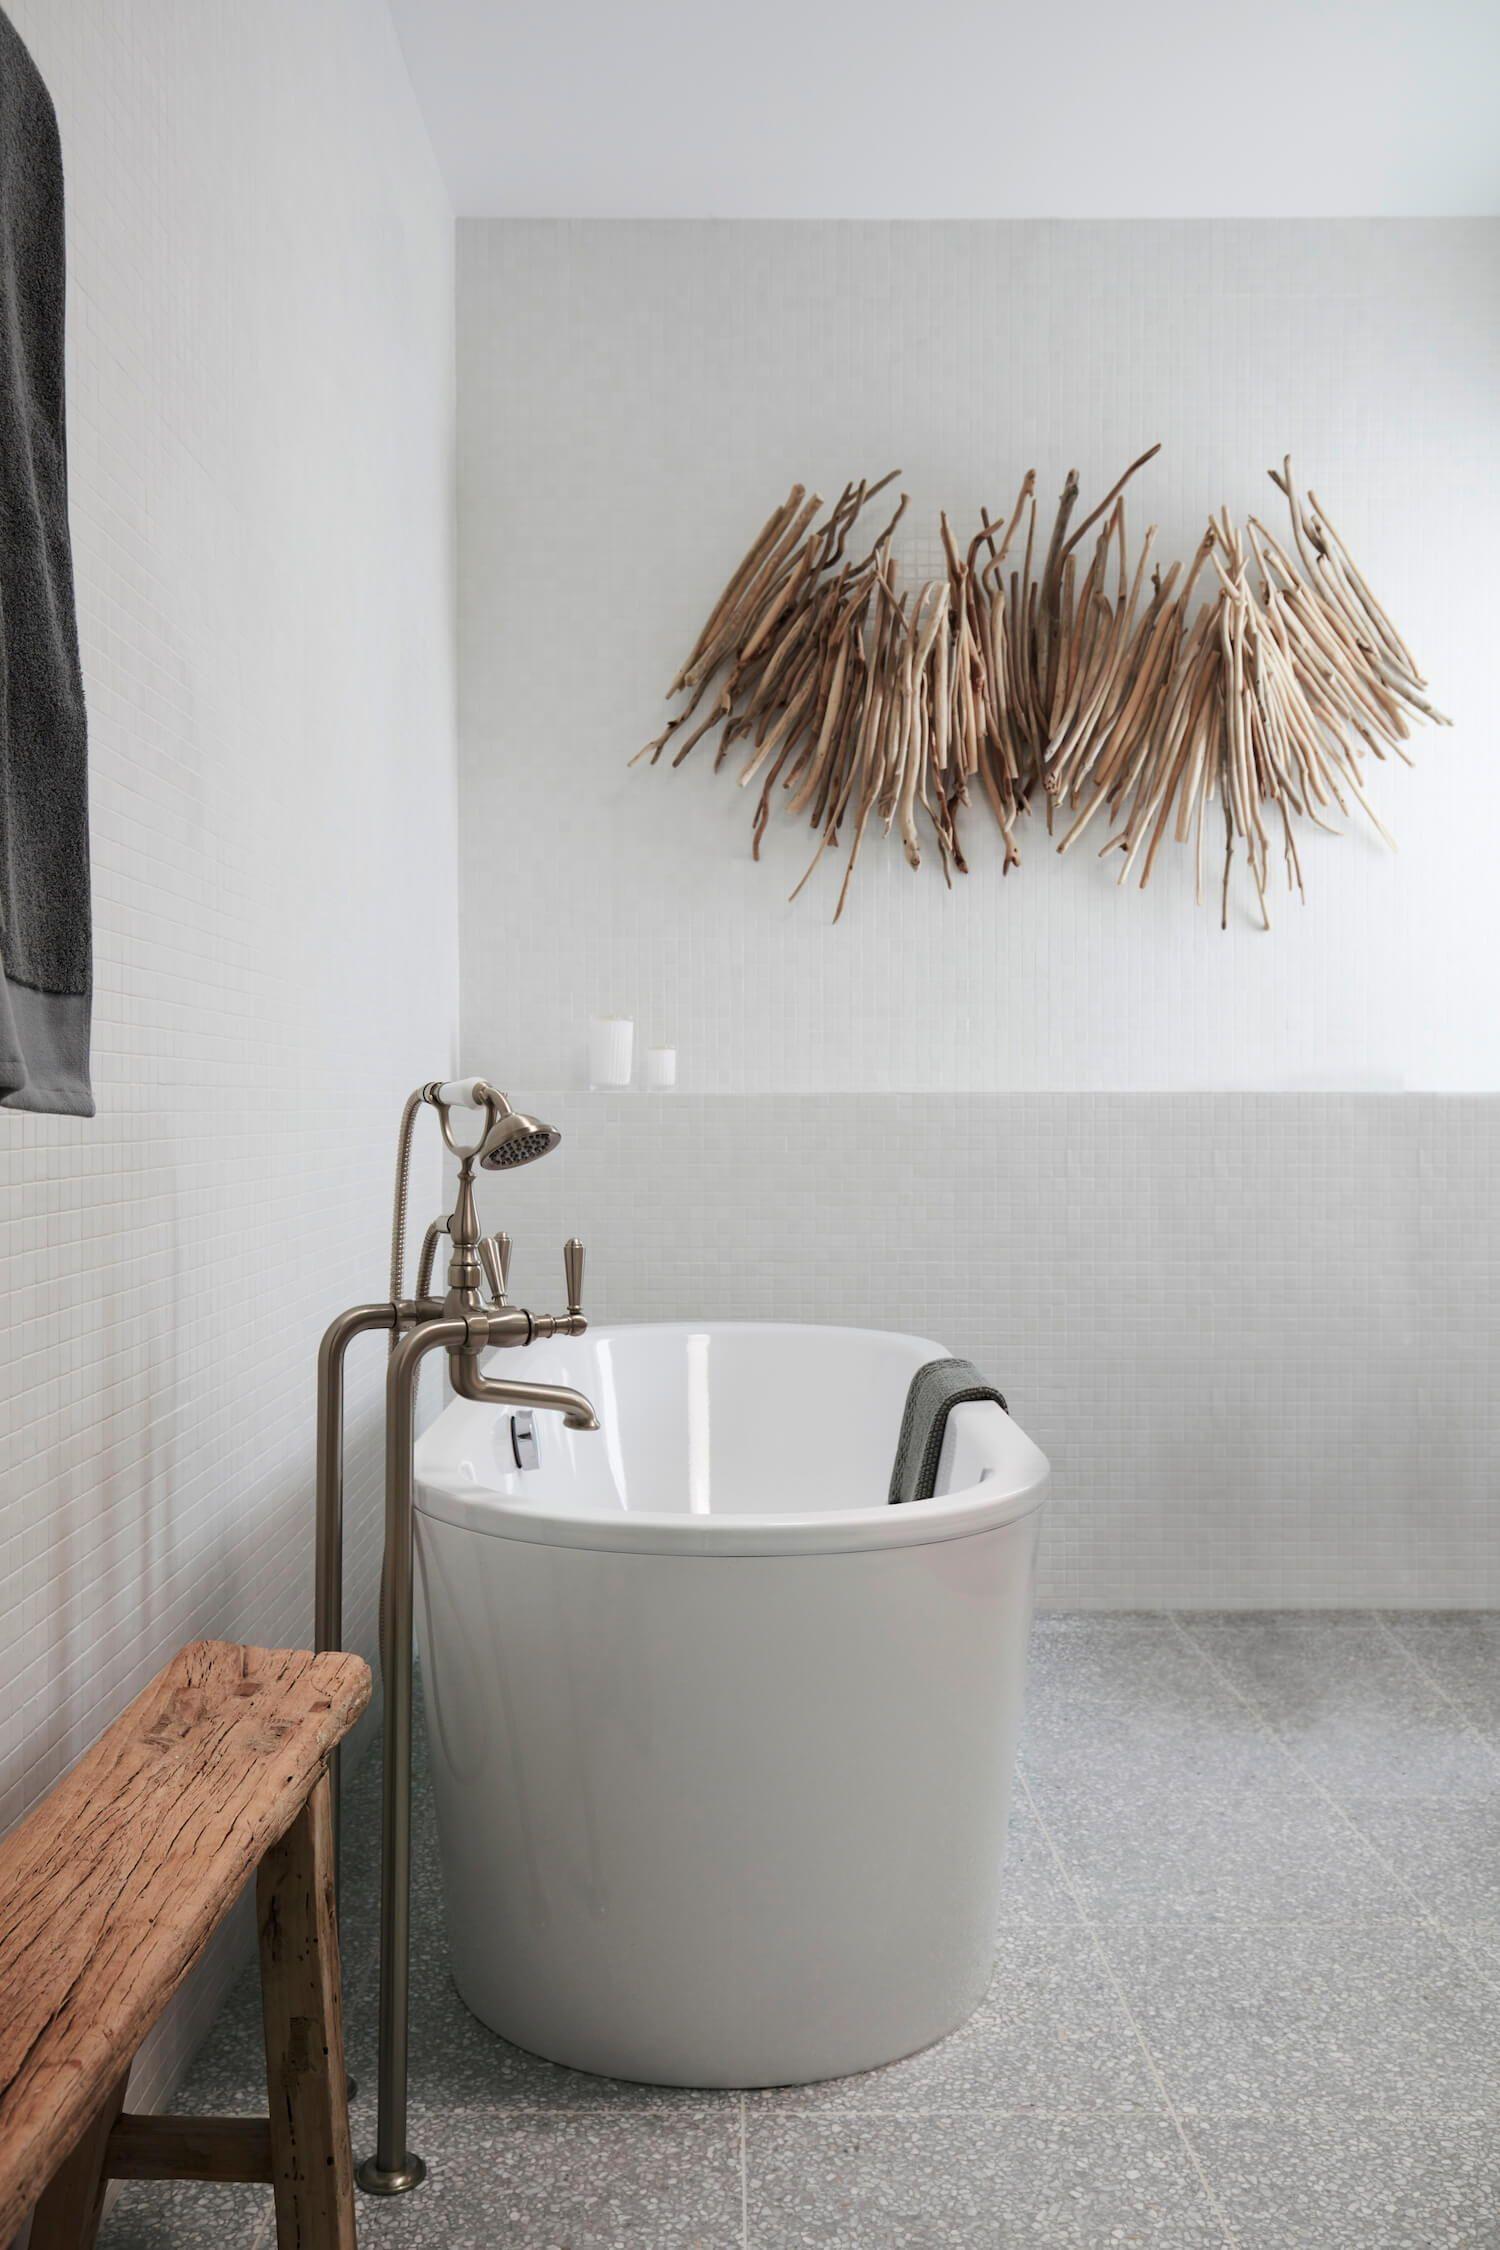 Badezimmerfliesenideen um badewanne etre living  blog  badideen  pinterest  badezimmer bad und baden